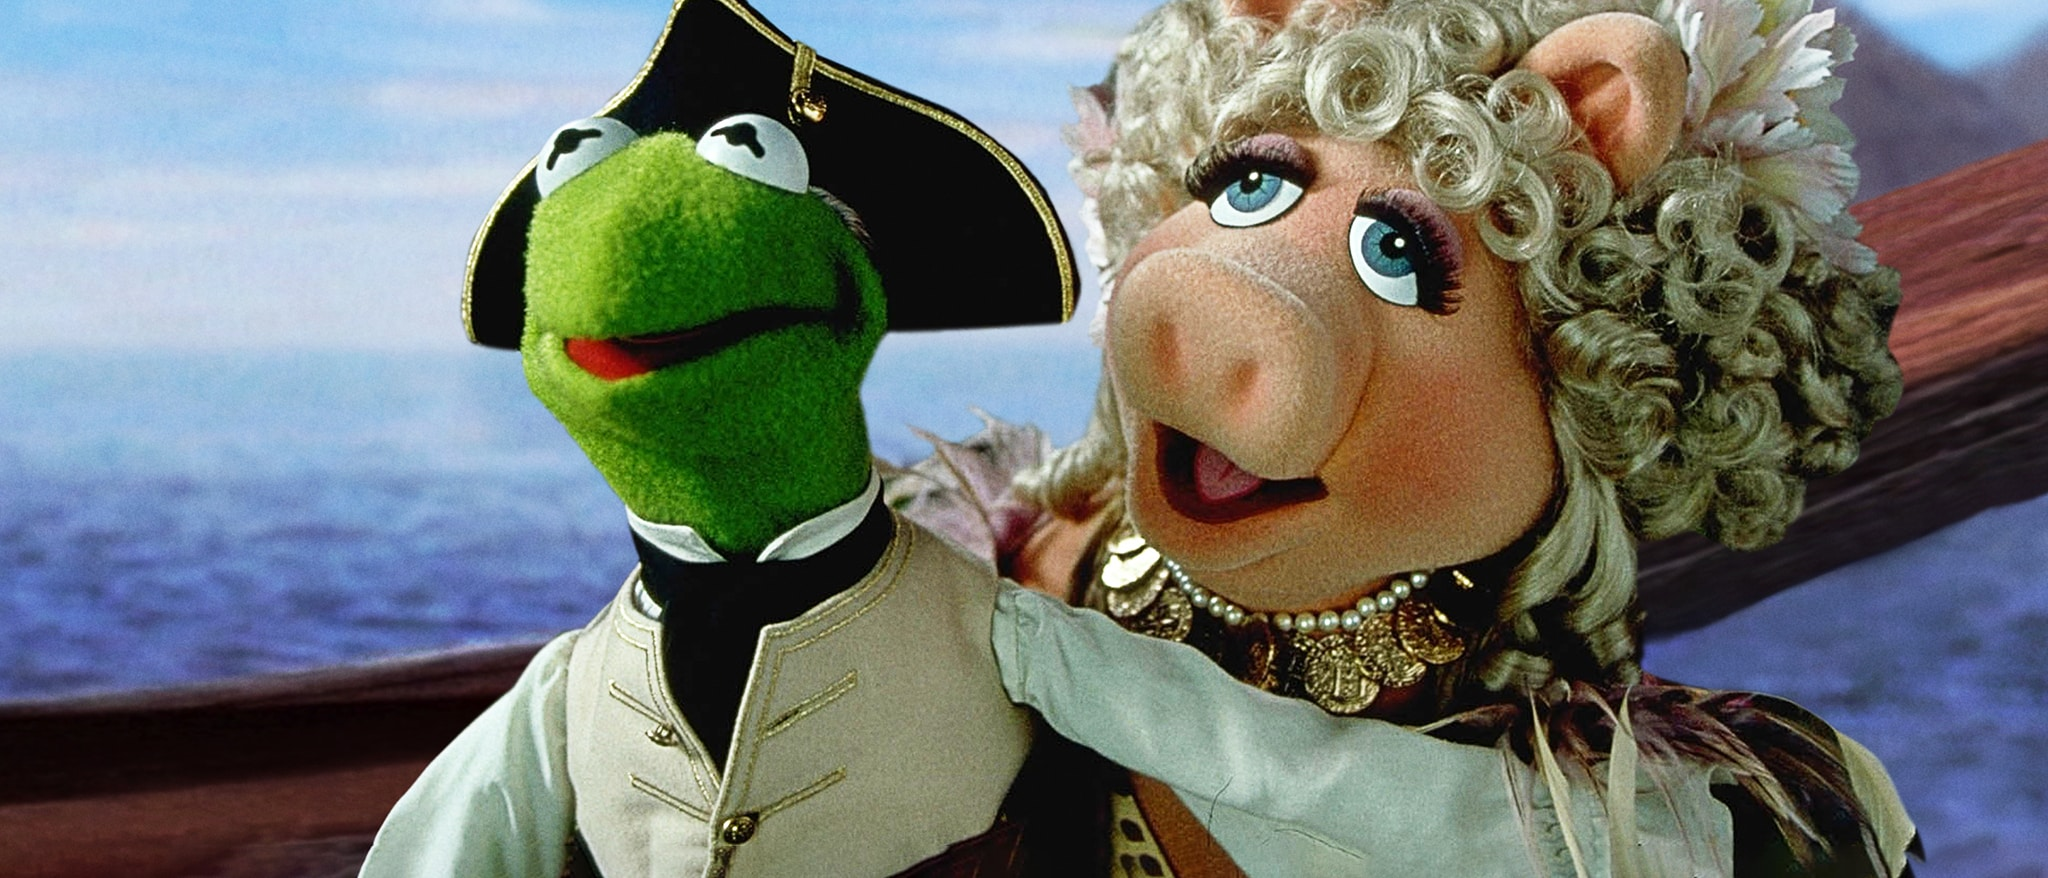 Muppet Treasure Island Hero